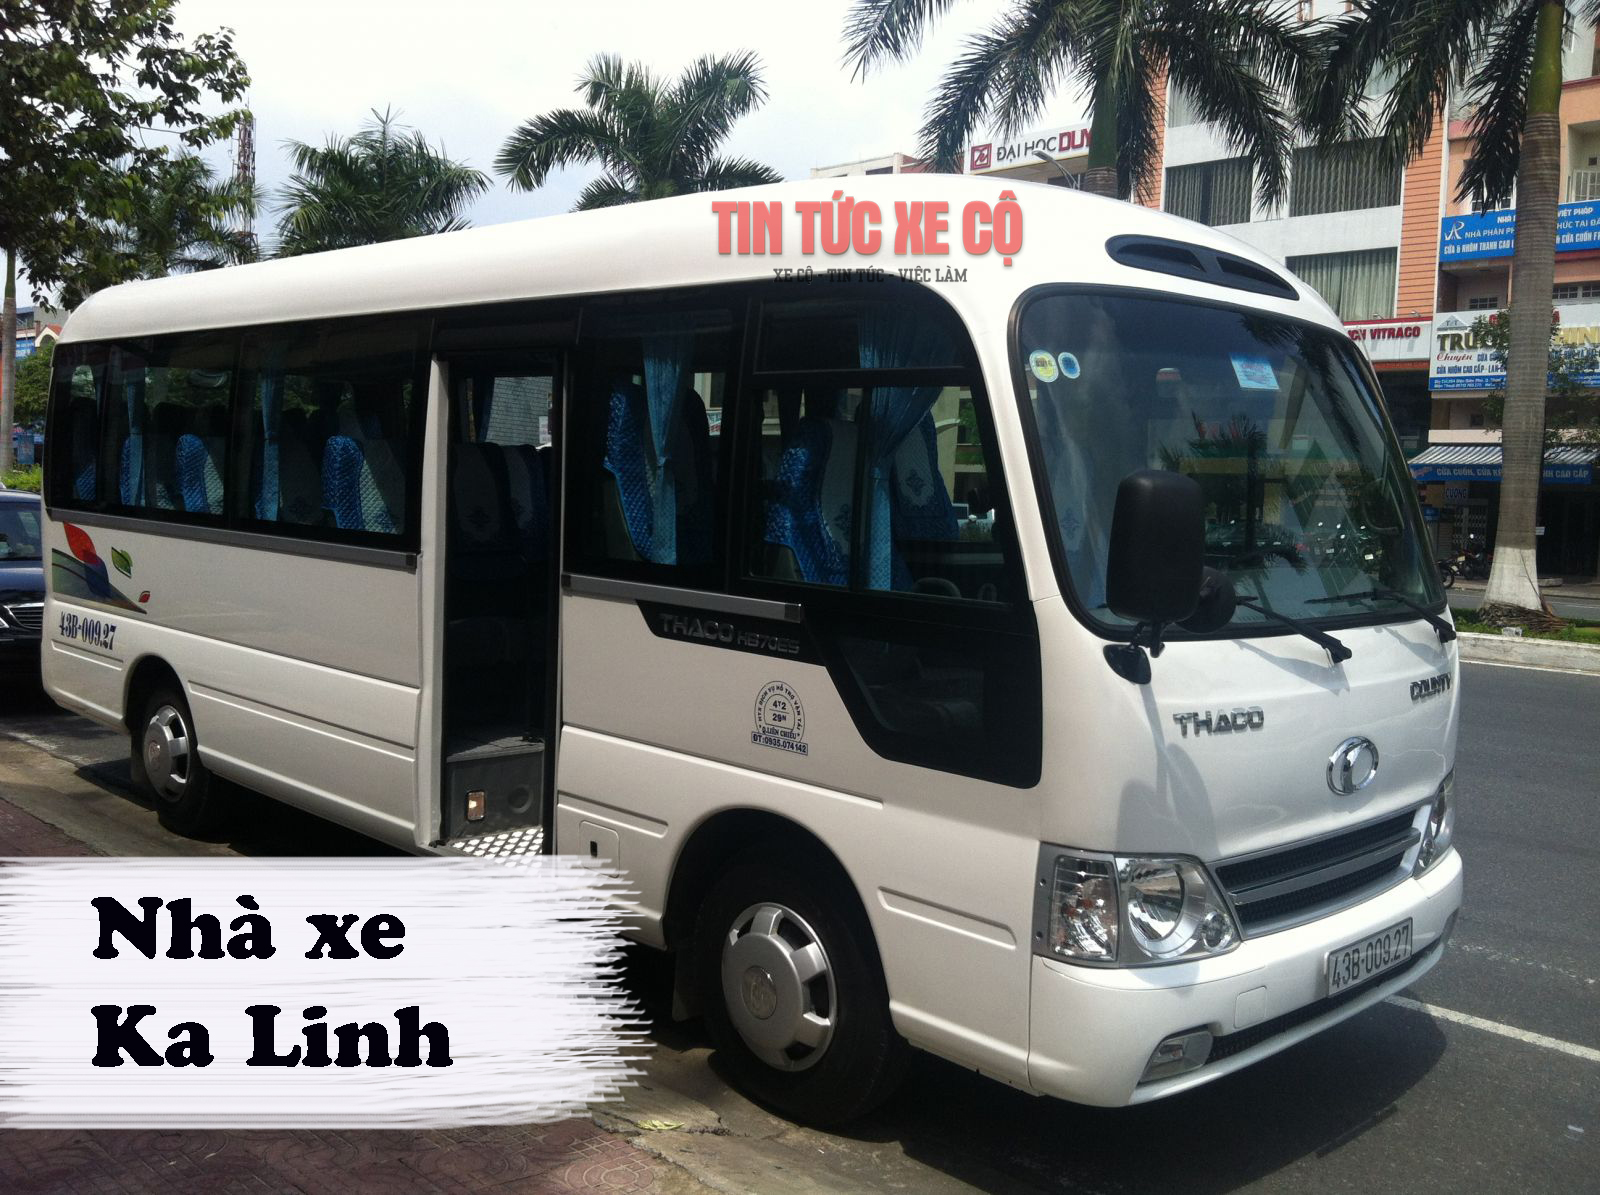 Nhà xe Ka Linh chạy từ Mộc Châu – Hà Nội